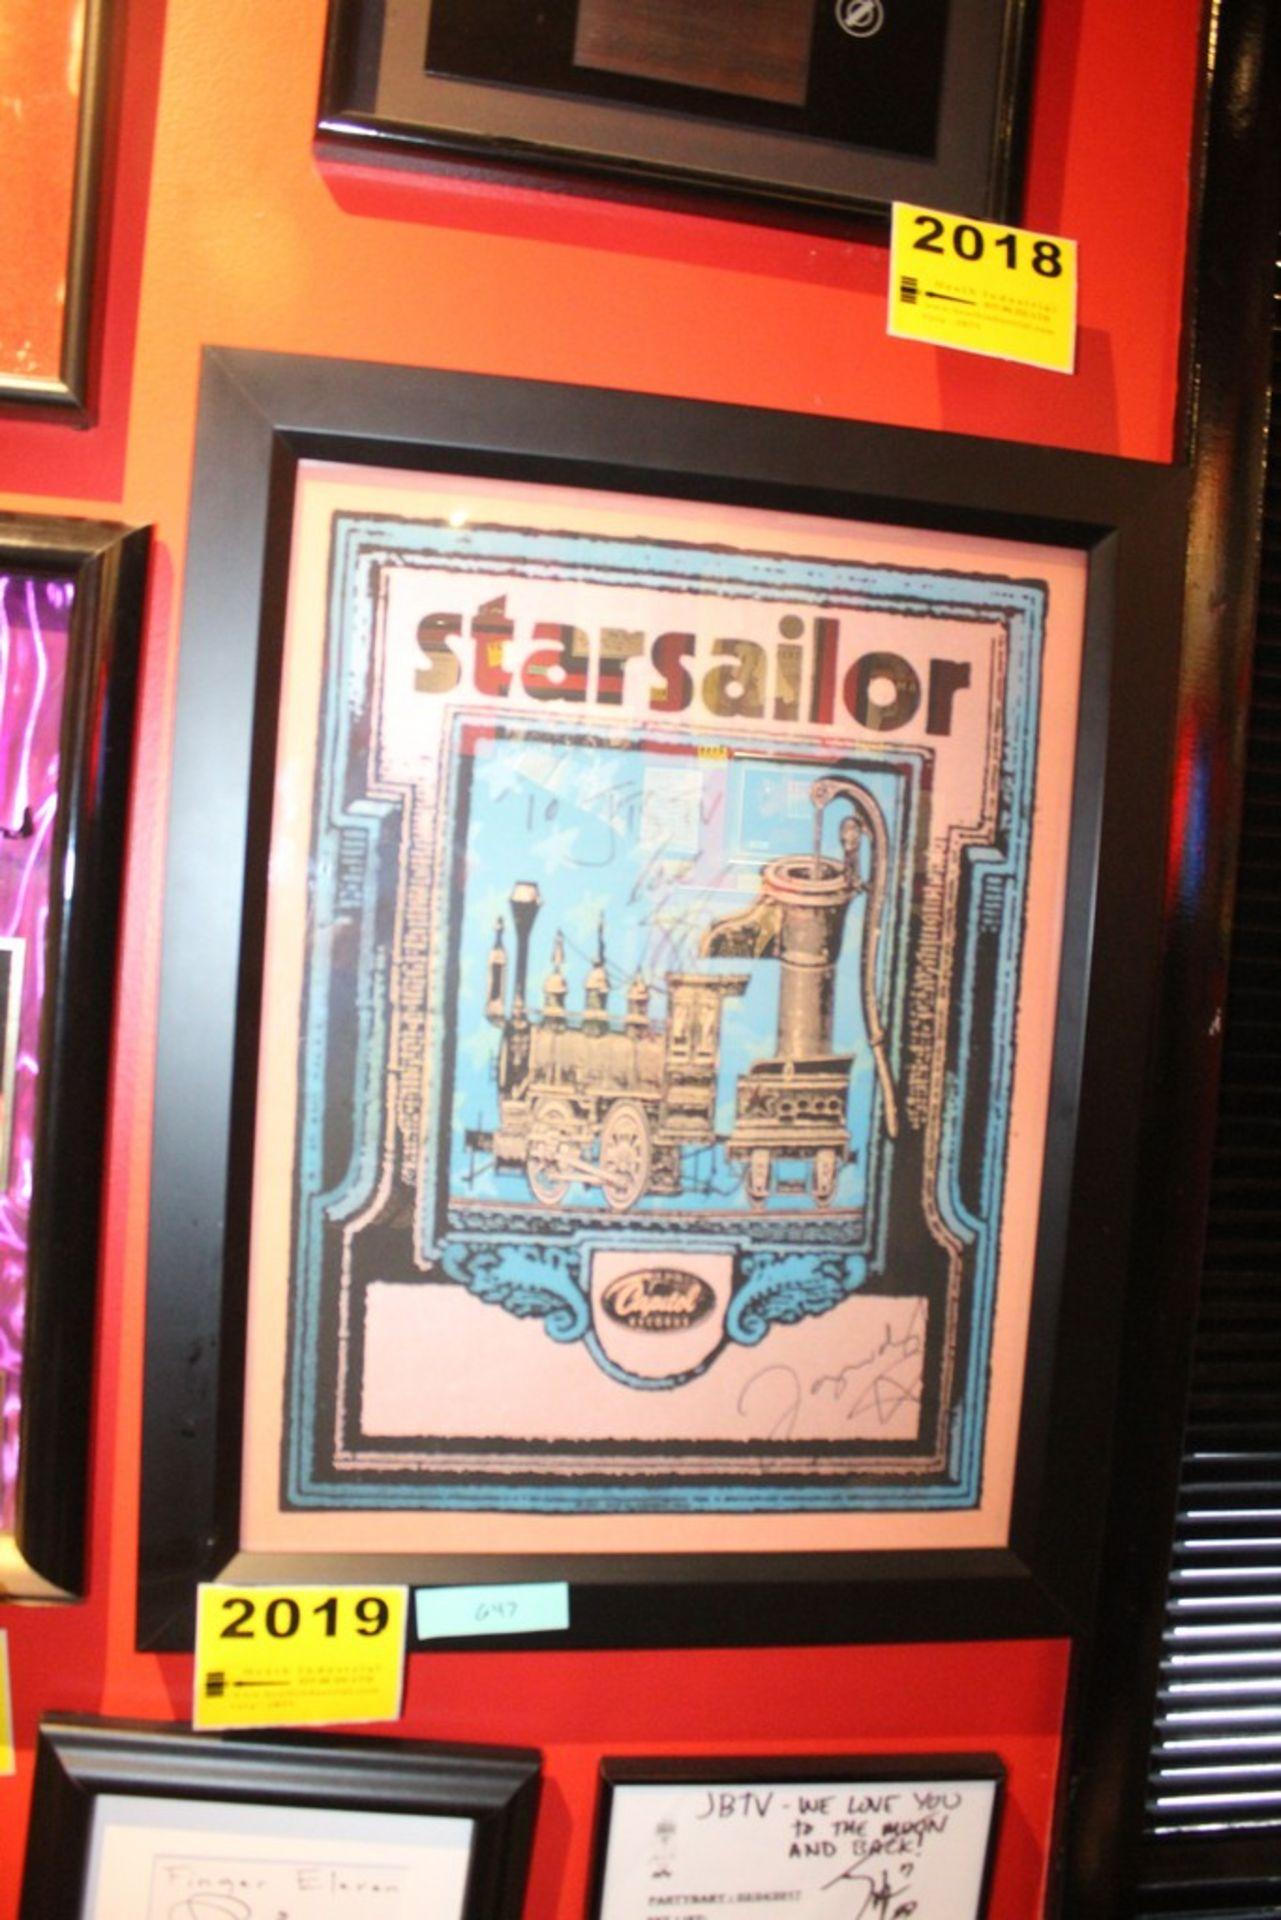 Lot 2019 - Starsailor Signed Framed Poster